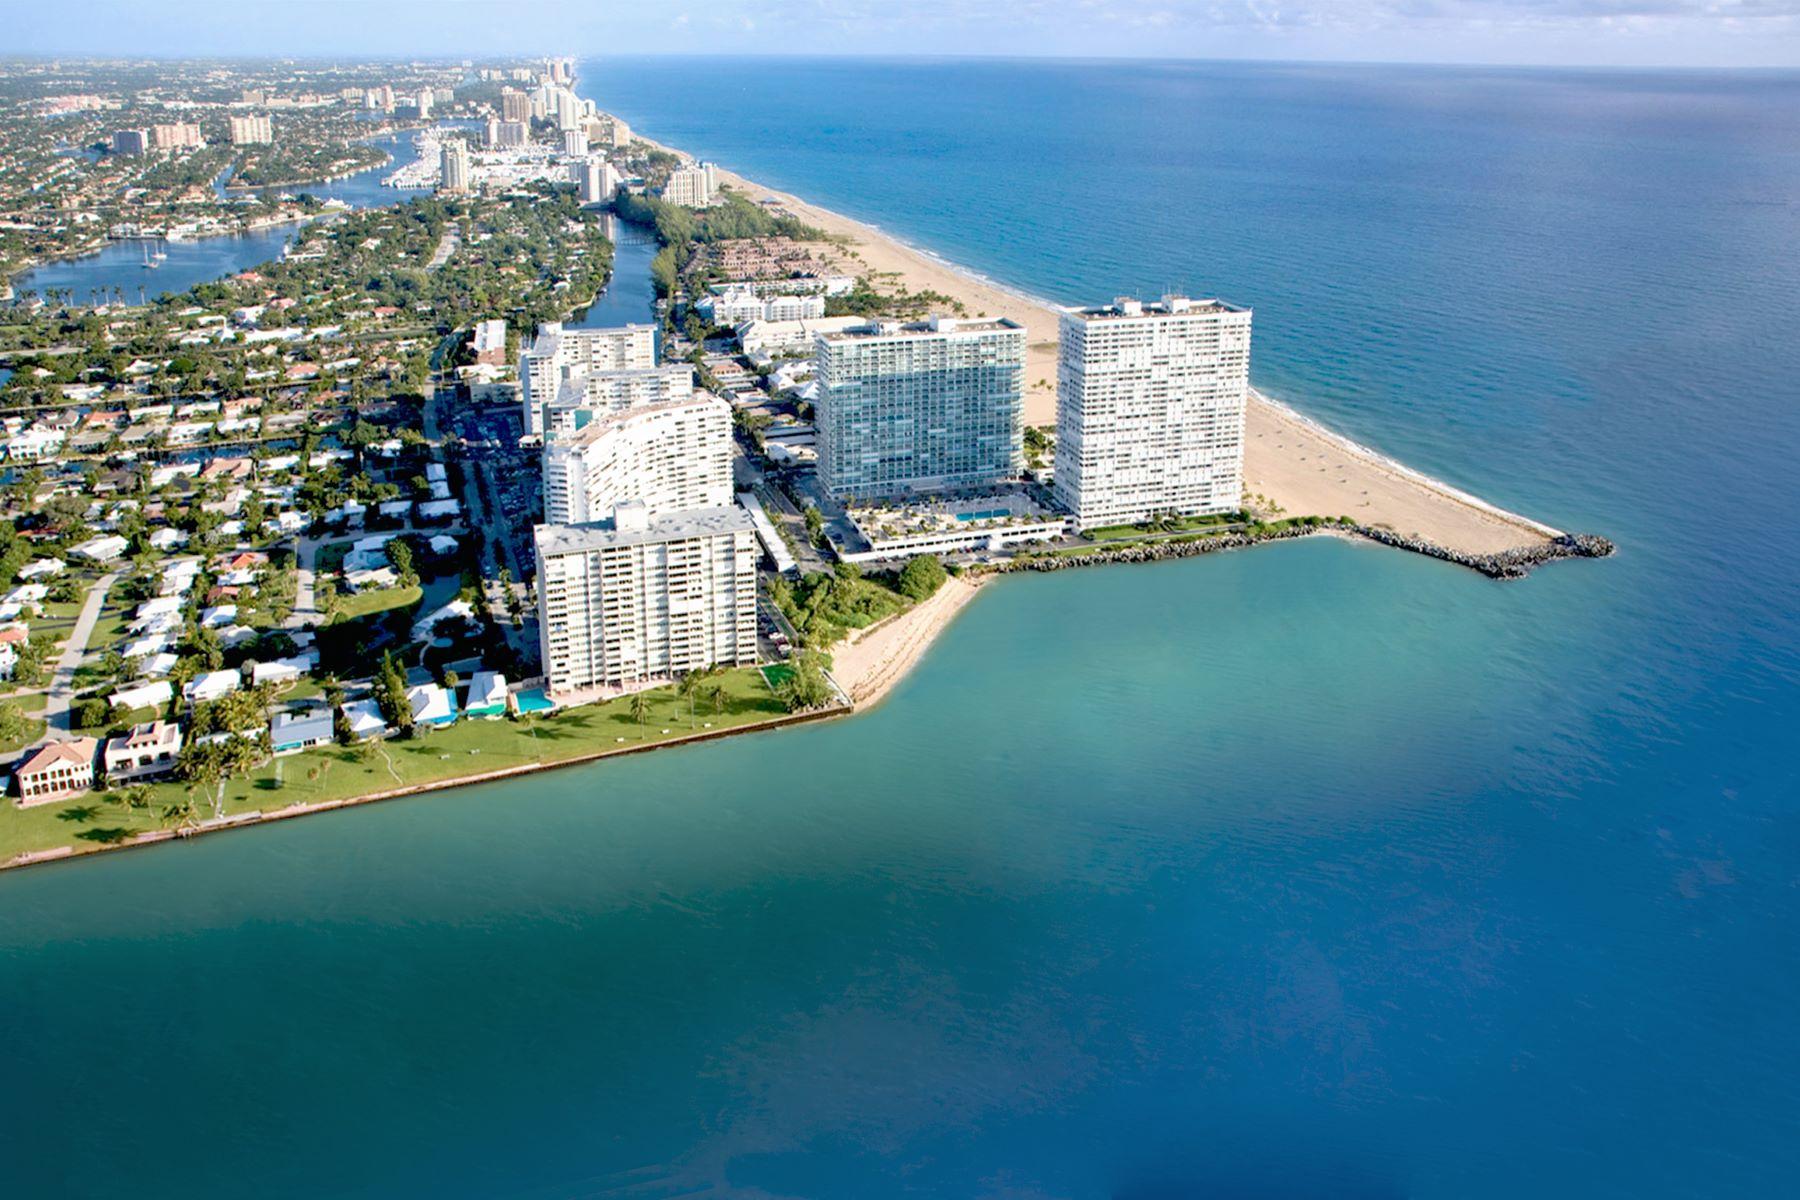 Квартира для того Продажа на 2100 S Ocean Ln 2100 S Ocean Ln 1202, Fort Lauderdale, Флорида, 33316 Соединенные Штаты